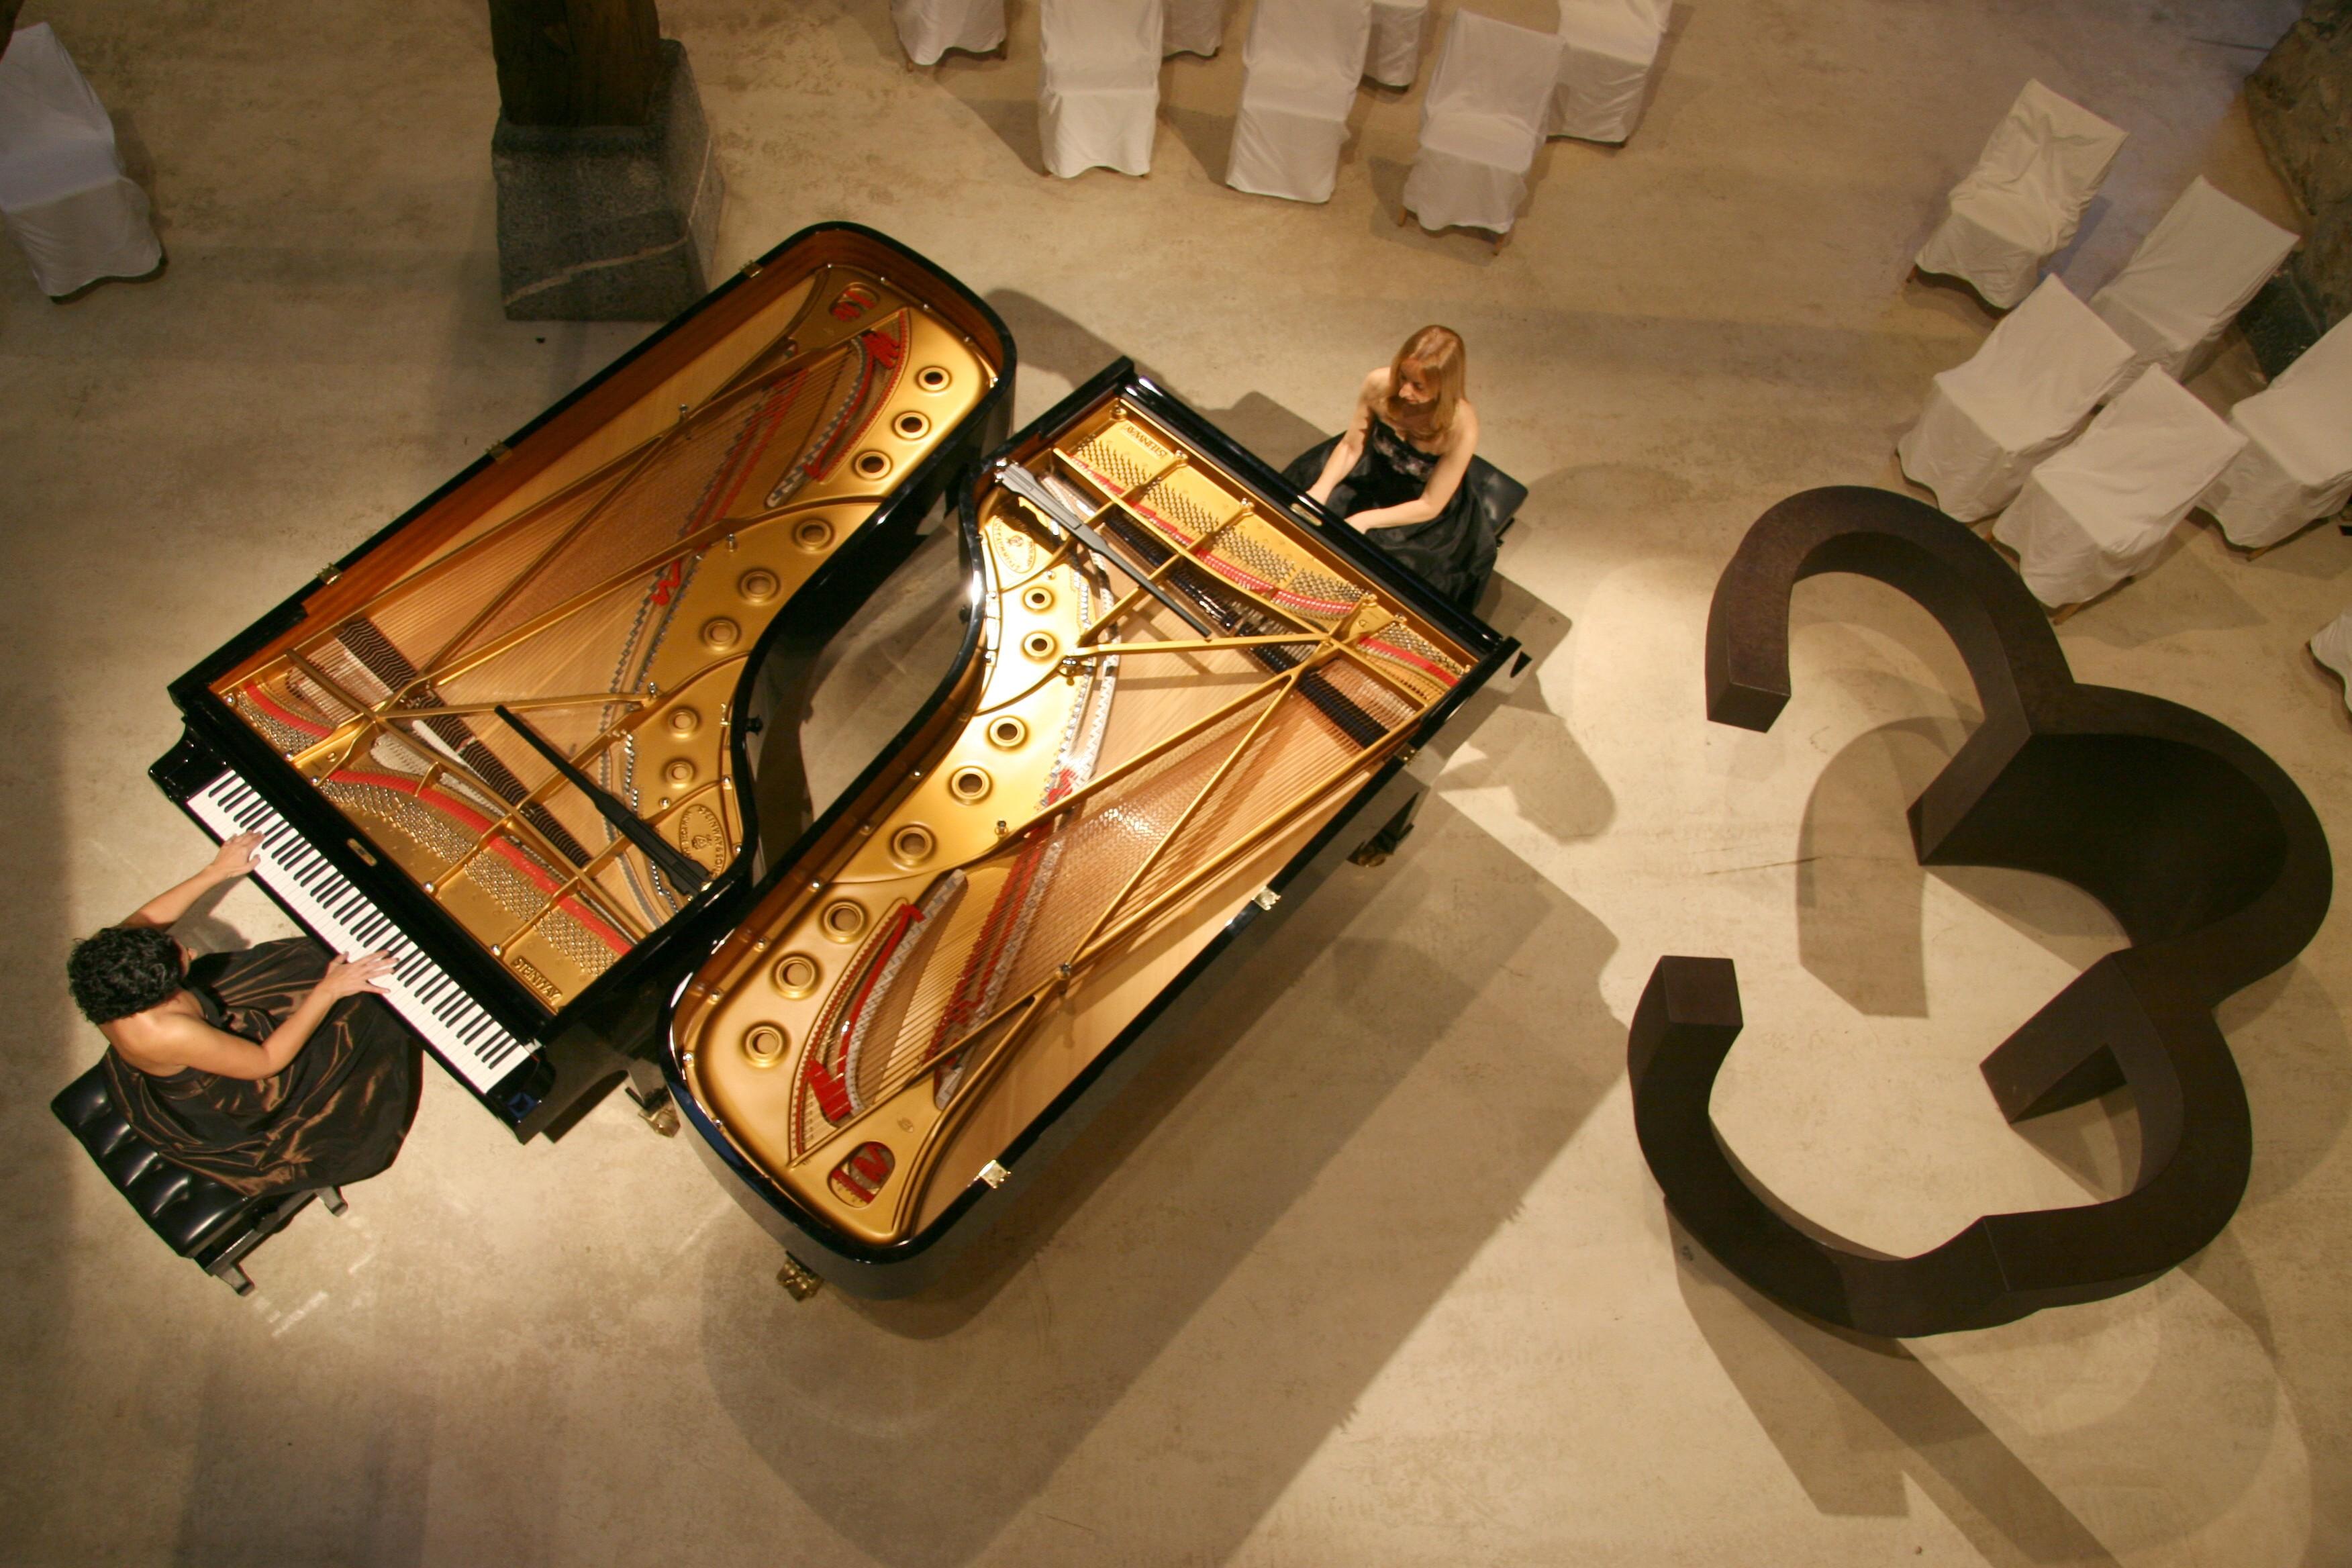 PİYANO AKORT SORUNU Grand Kuyruklu Piyano Tepeden Teller Görünüş Büyük Ana Konser Piyanosu Piano Solo Pianist Music Müzik Aletleri